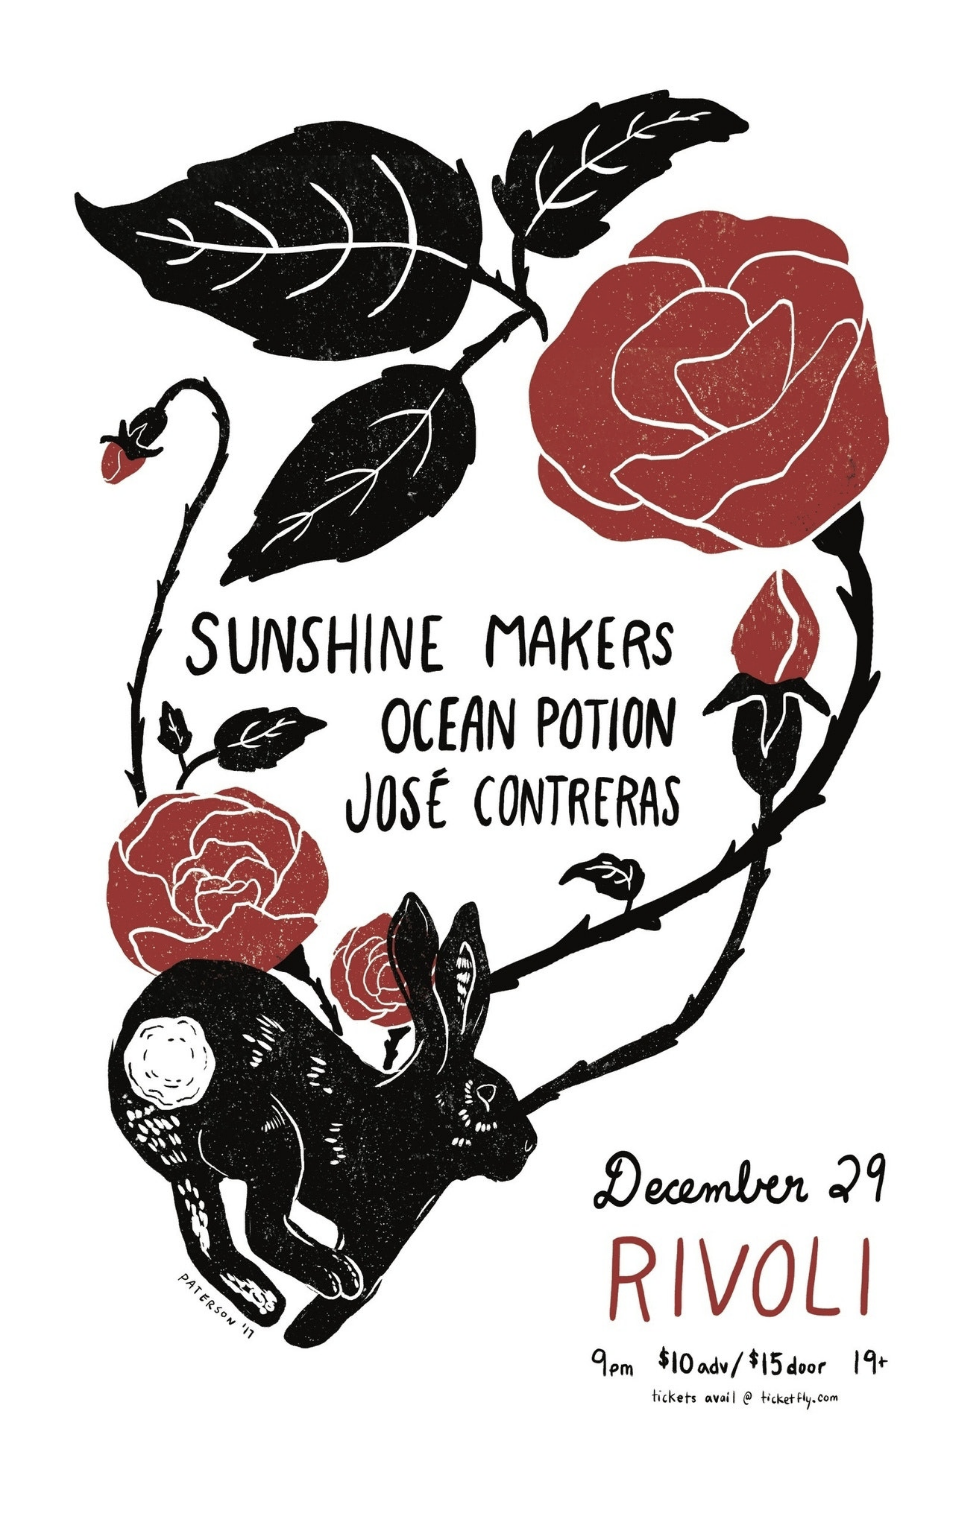 Sunshine Makersw/ Ocean PotionJosé Contreras  - COVER: $10 ADV / $15 DOORMORE INFO